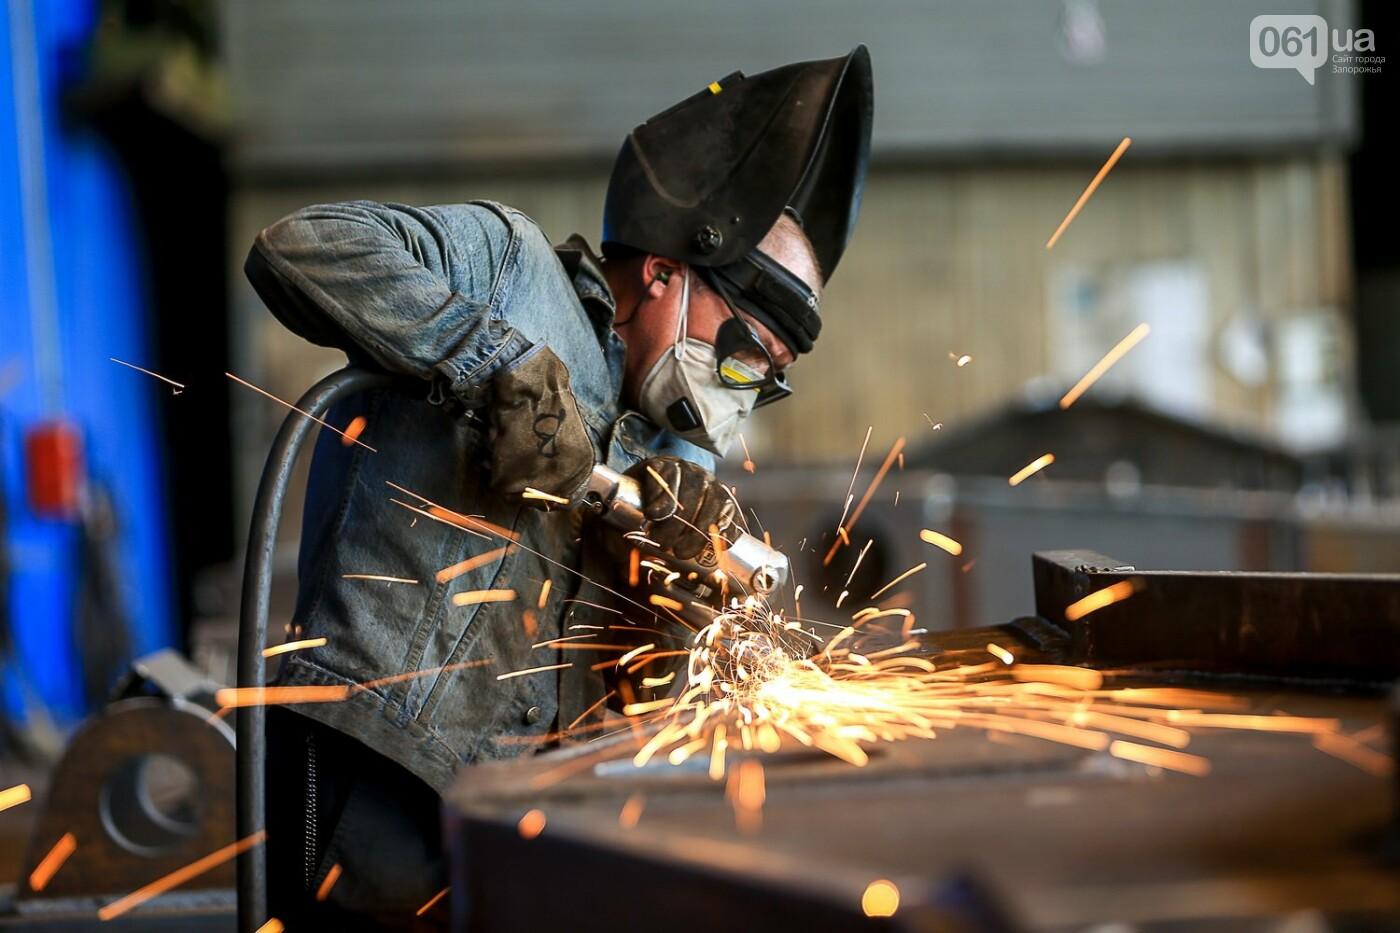 Как в Запорожье работает крупнейший в Европе завод по производству кранов: экскурсия на производство, — ФОТОРЕПОРТАЖ, фото-19